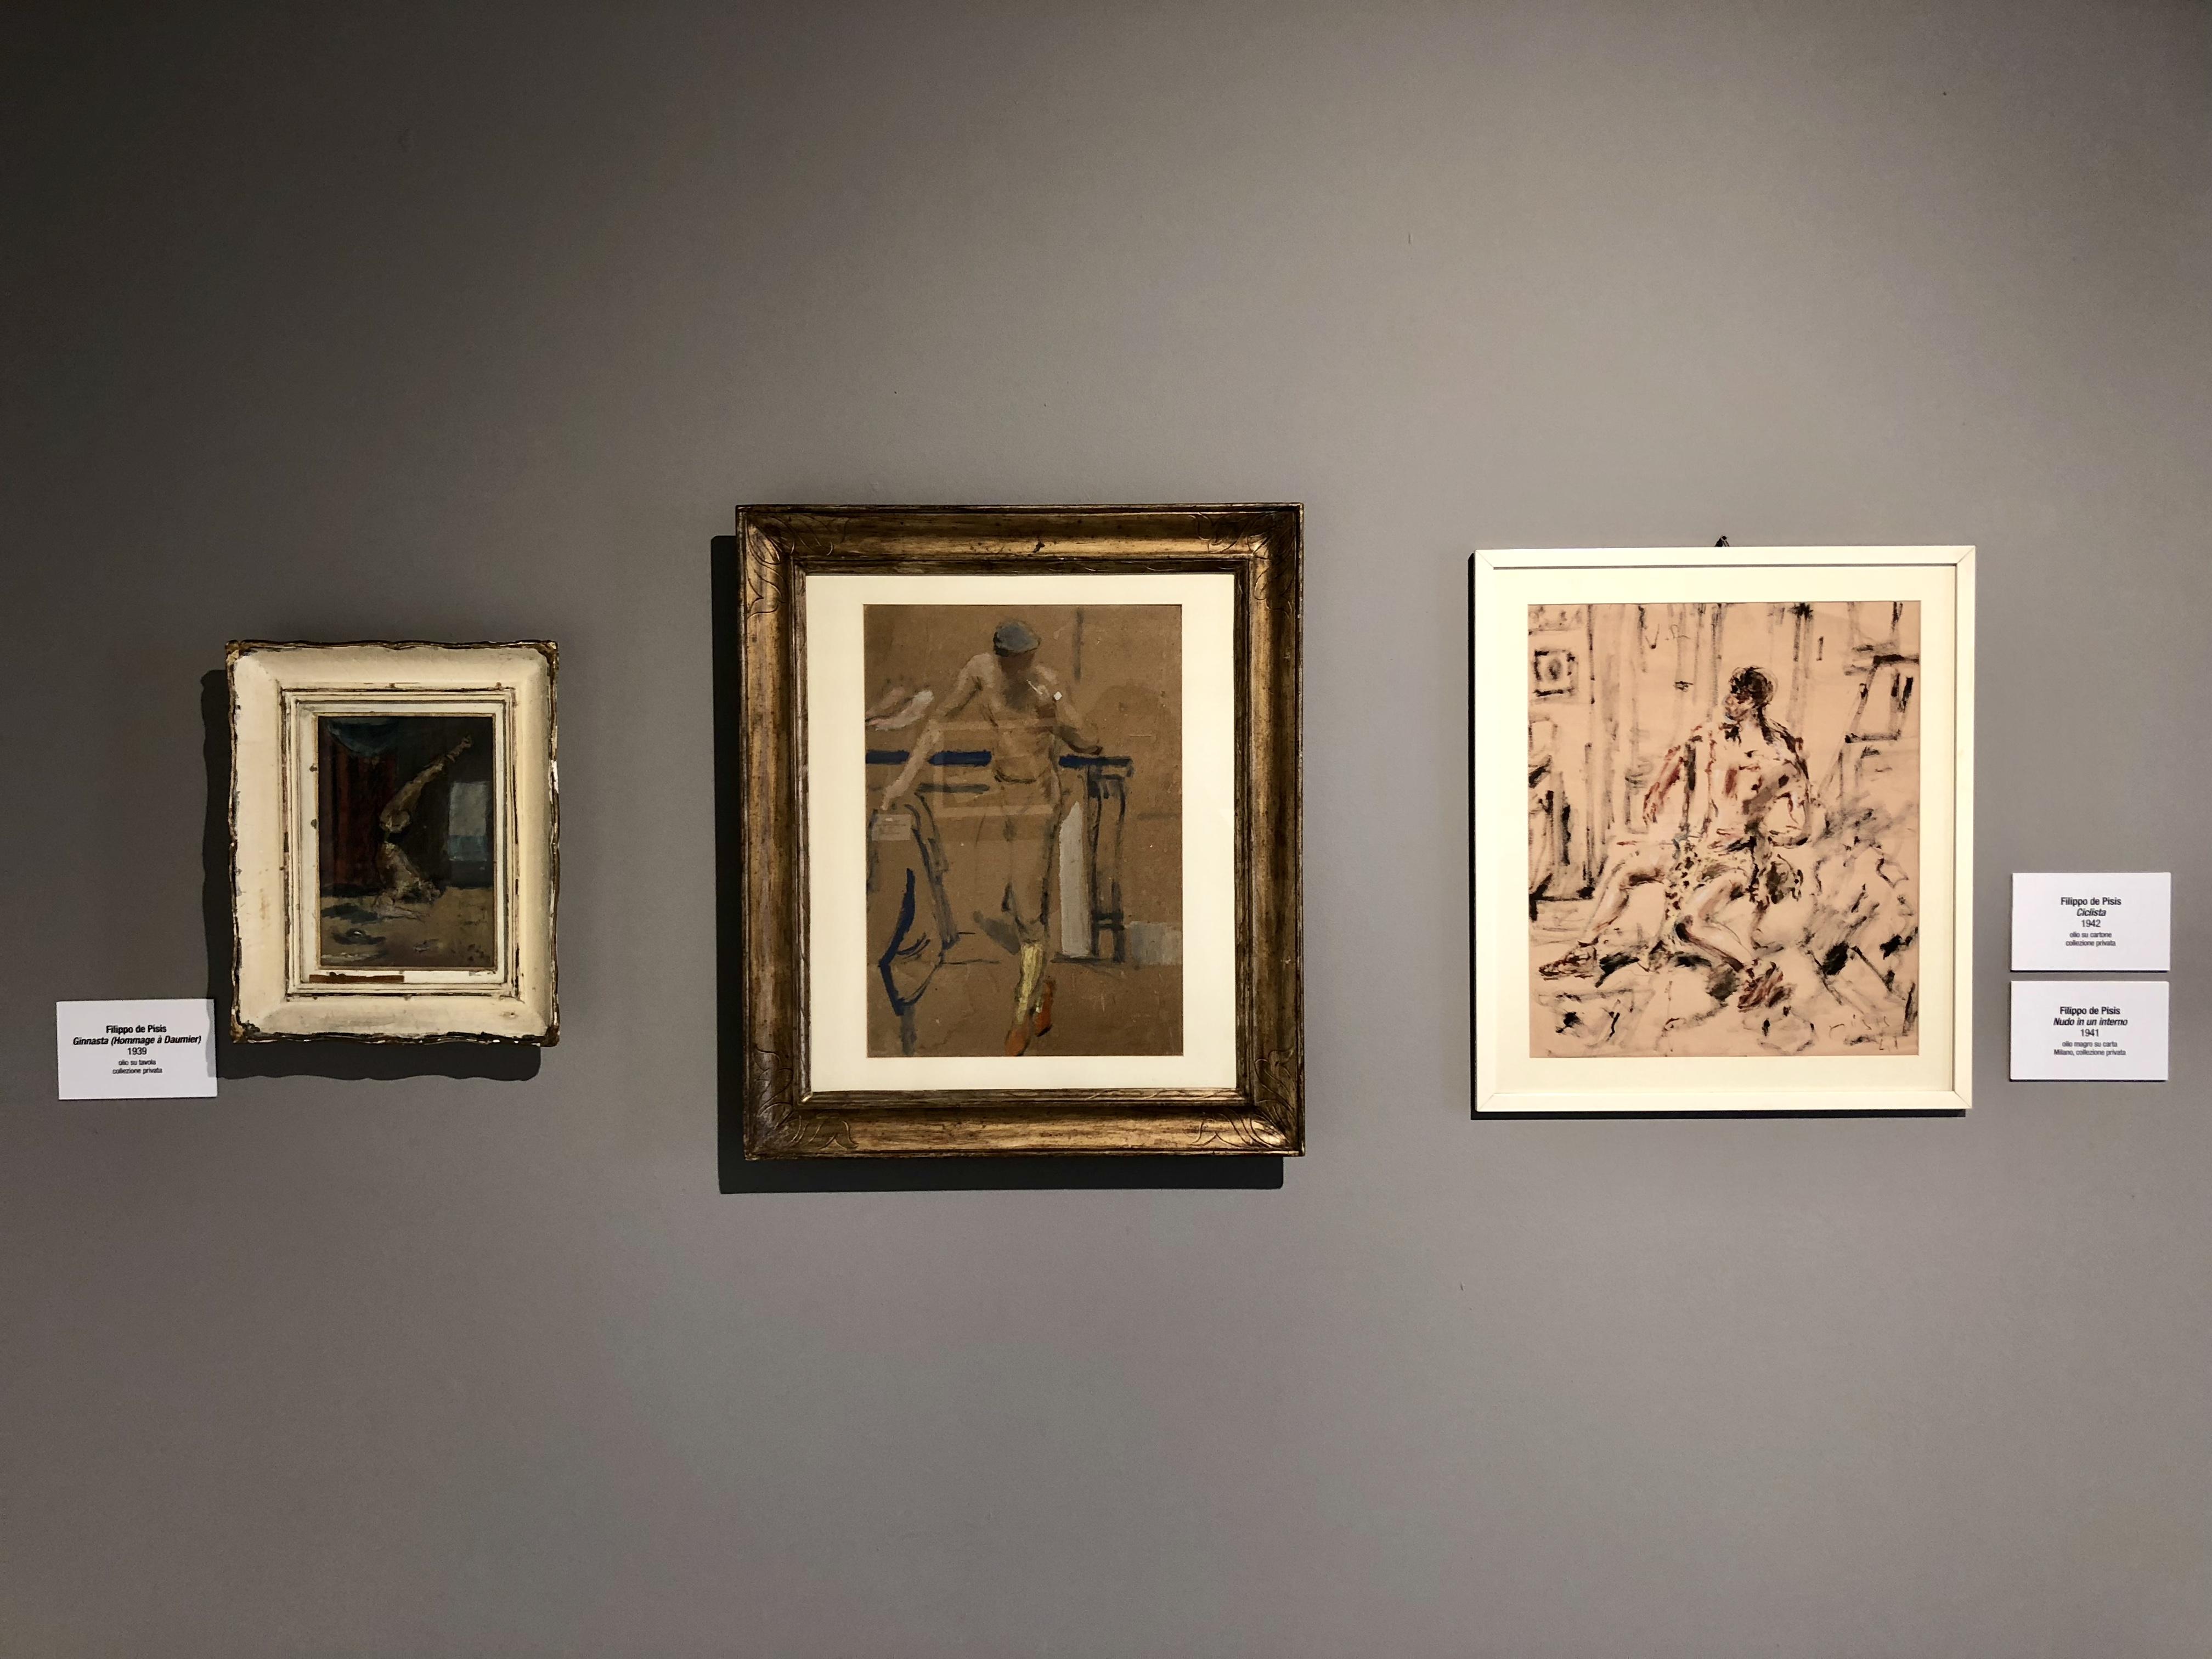 TalentiEventi_Filippo_De_Pisis_Eclettico_connoisseur_fra pittura_ musica_e_poesia_Museo_Ettore_Fico_41